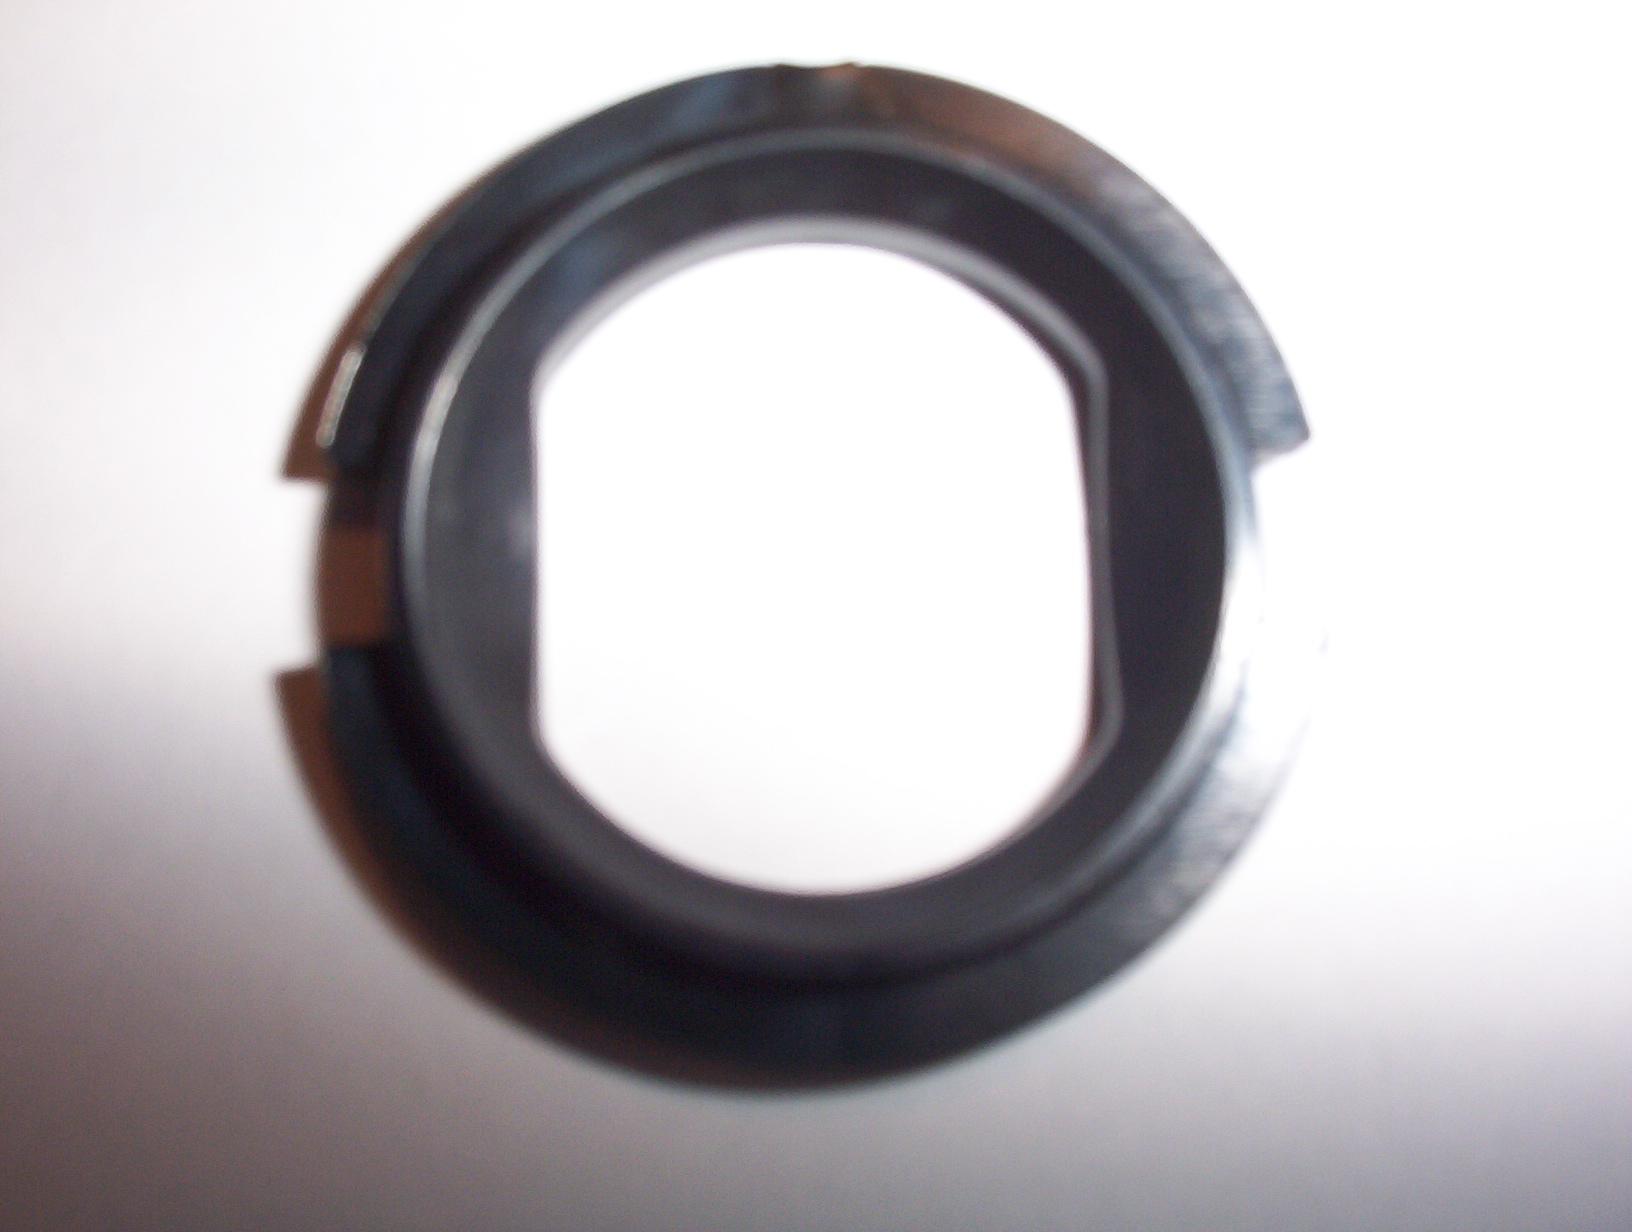 boccola riduttore suzuki sj413